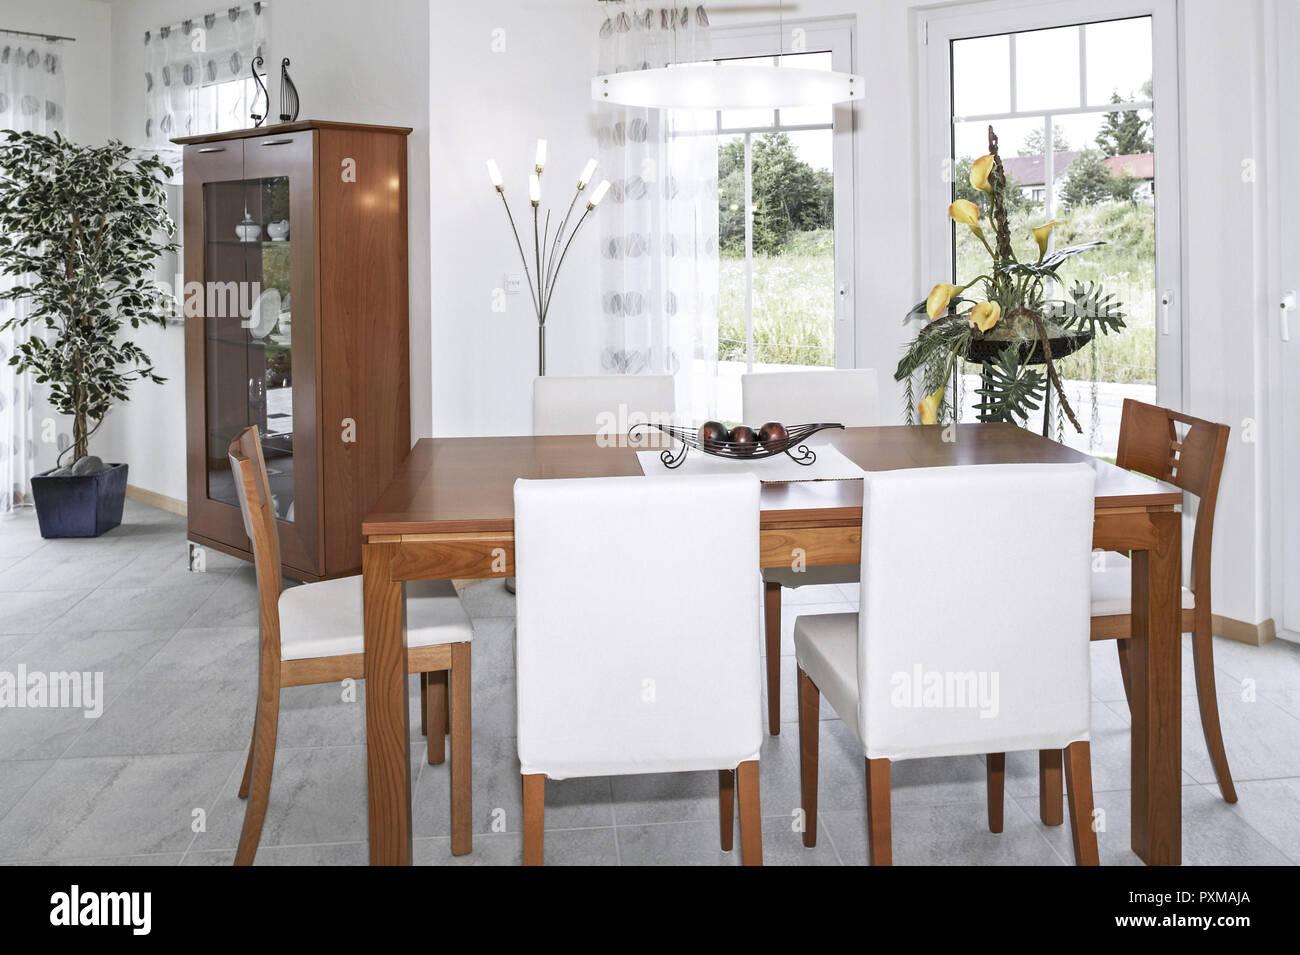 Esszimmer Wohnen Innenaufnahme Inneneinrichtung Wohnung Wohnraum Einrichtung  Moebel Mobiliar Modern Interieur Wohn Design Ambiente Innen Architektur I